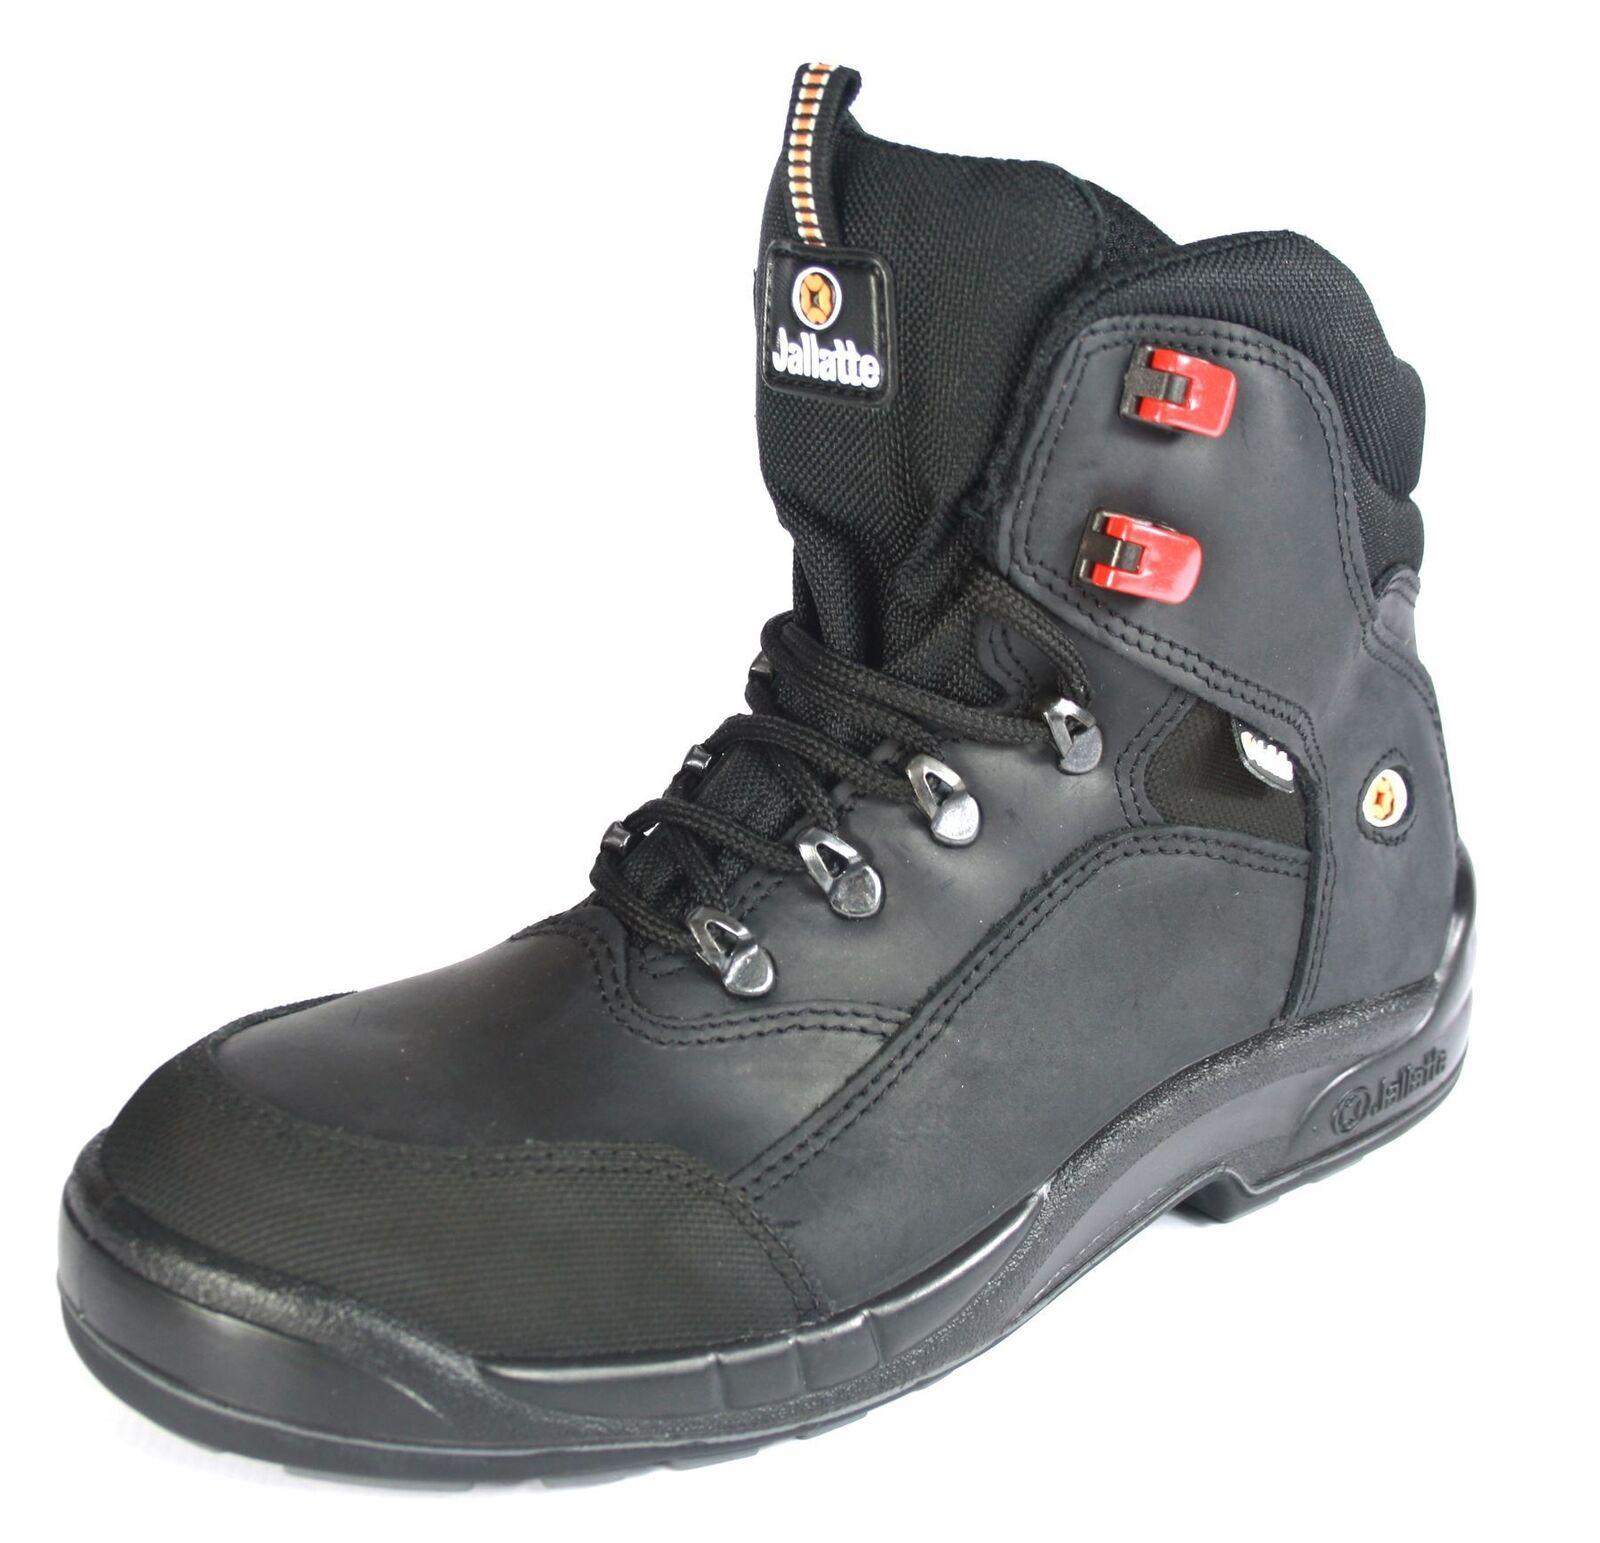 JALLATTE jalamset - 00j0656 nero da con lacci Safety cuoio da nero lavoro puntale 5934f0